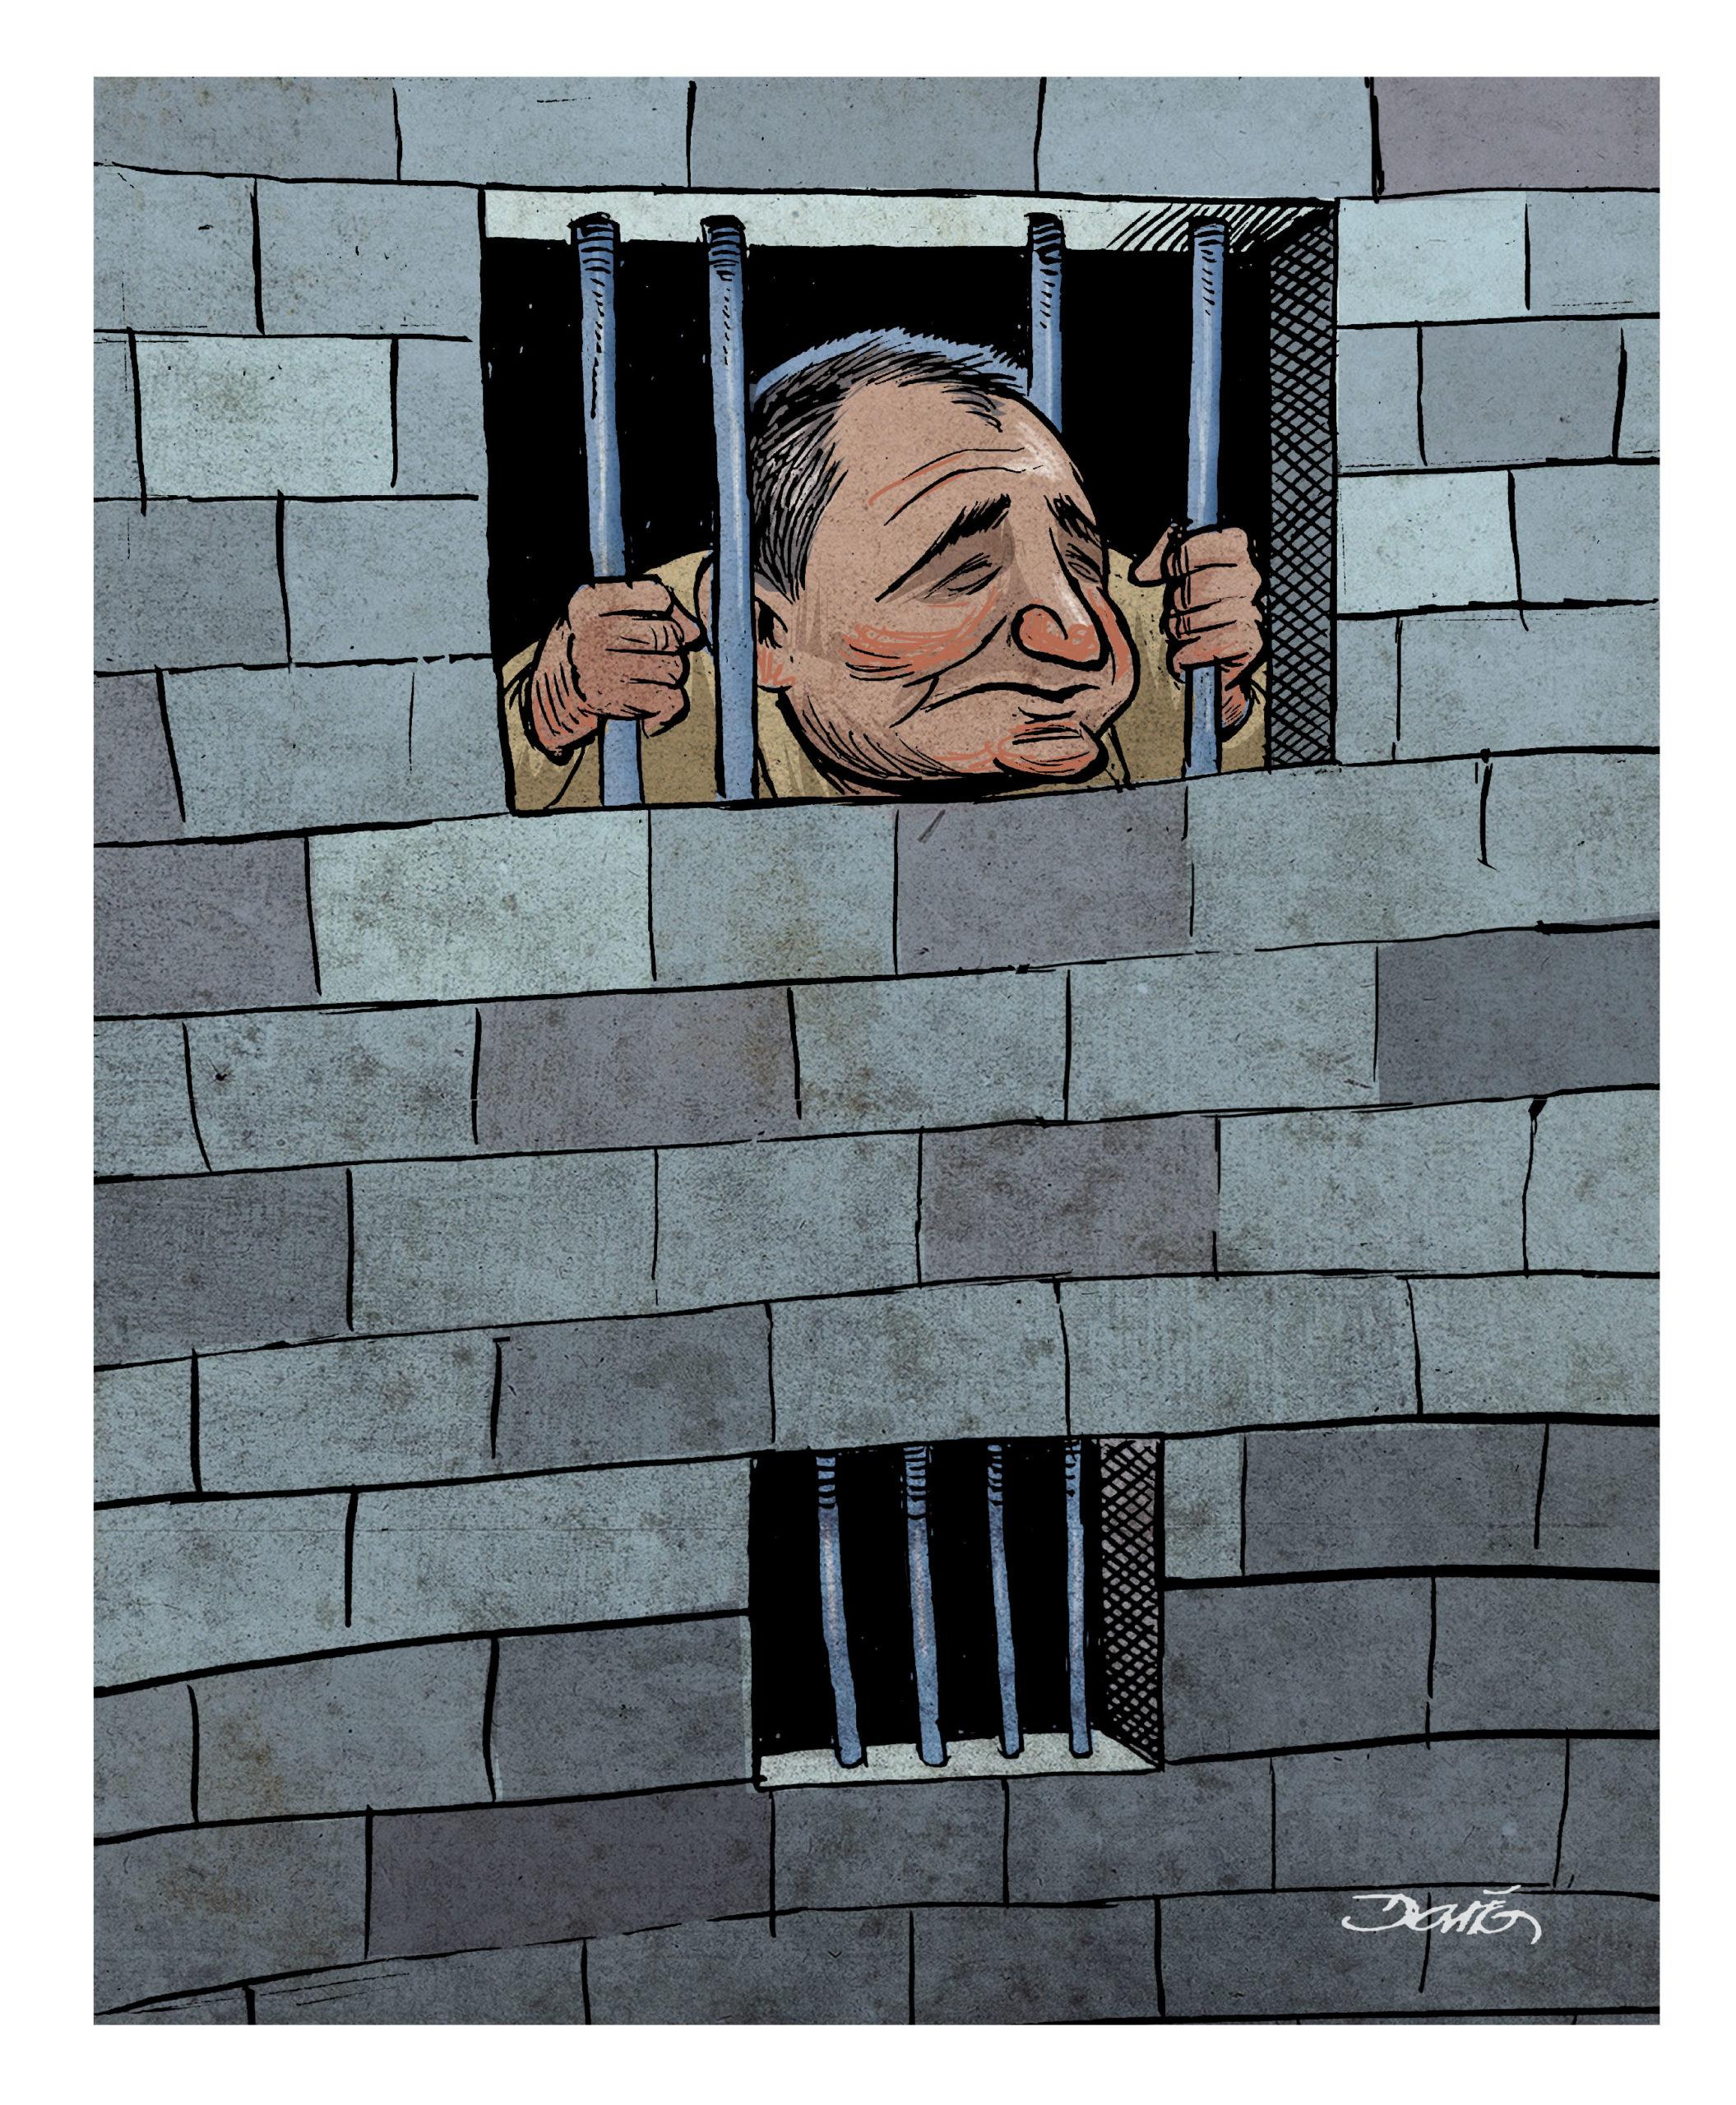 La otra celda | El Imparcial de Oaxaca